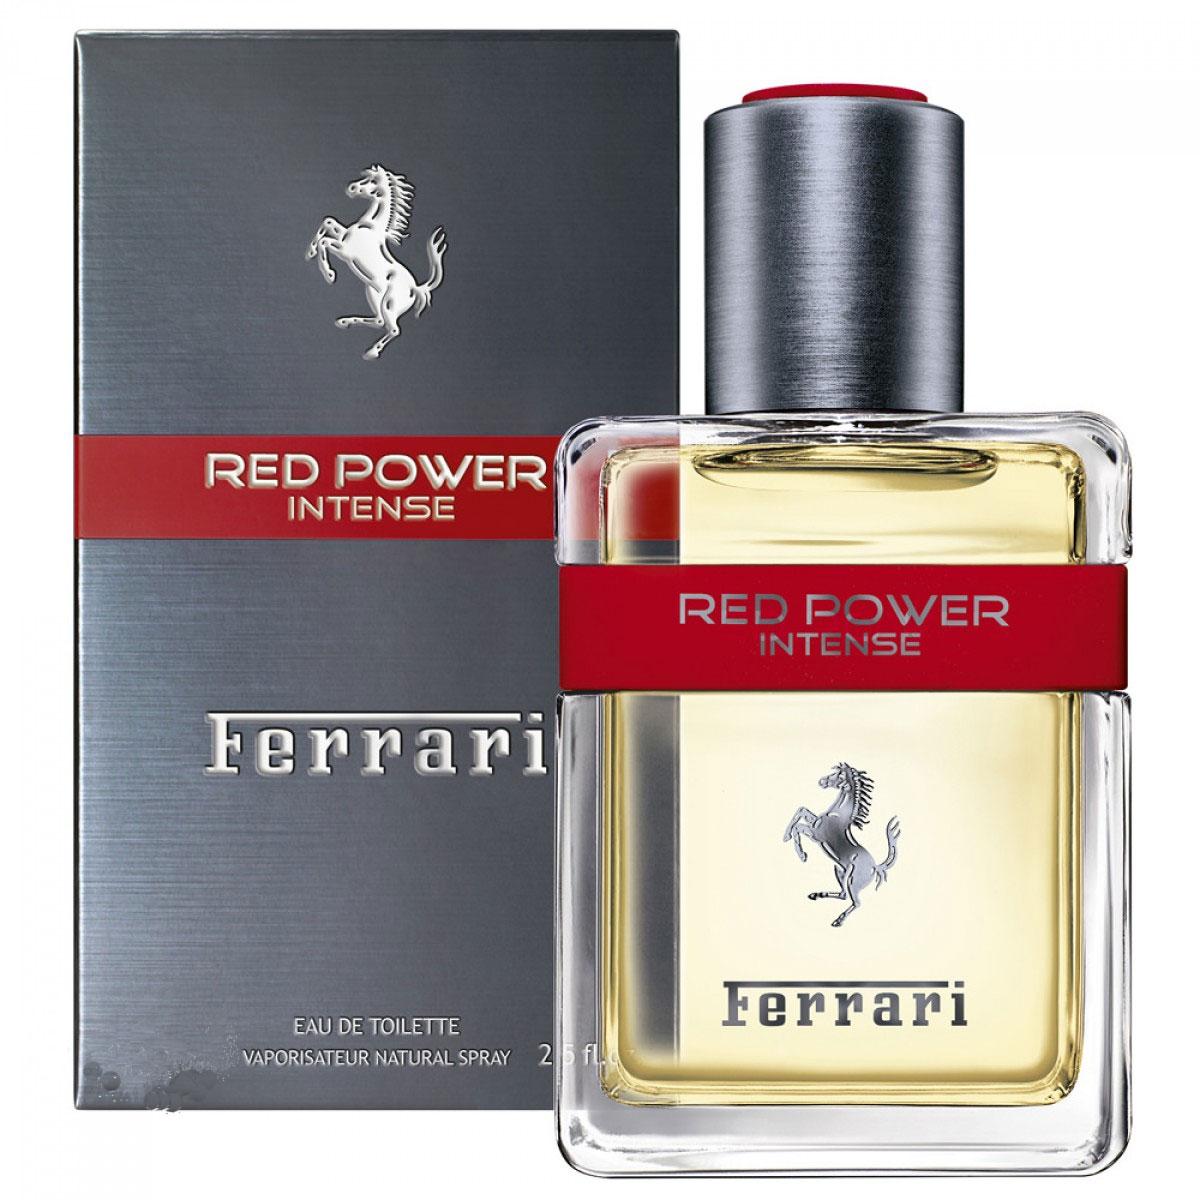 Ferrari Туалетная вода  RED POWER INTENSE мужская, 125 мл67000287Red Power Intense Ferrari - это аромат для мужчин, принадлежит к группе ароматов древесные фужерные. Это новый аромат, Red Power Intense выпущен в 2014. Верхние ноты: мускатный орех, красный перец и Лист фиалки; ноты сердца: Лаванда и ирис; ноты базы: пачули, олибанум, дерево Агар и Амбра.